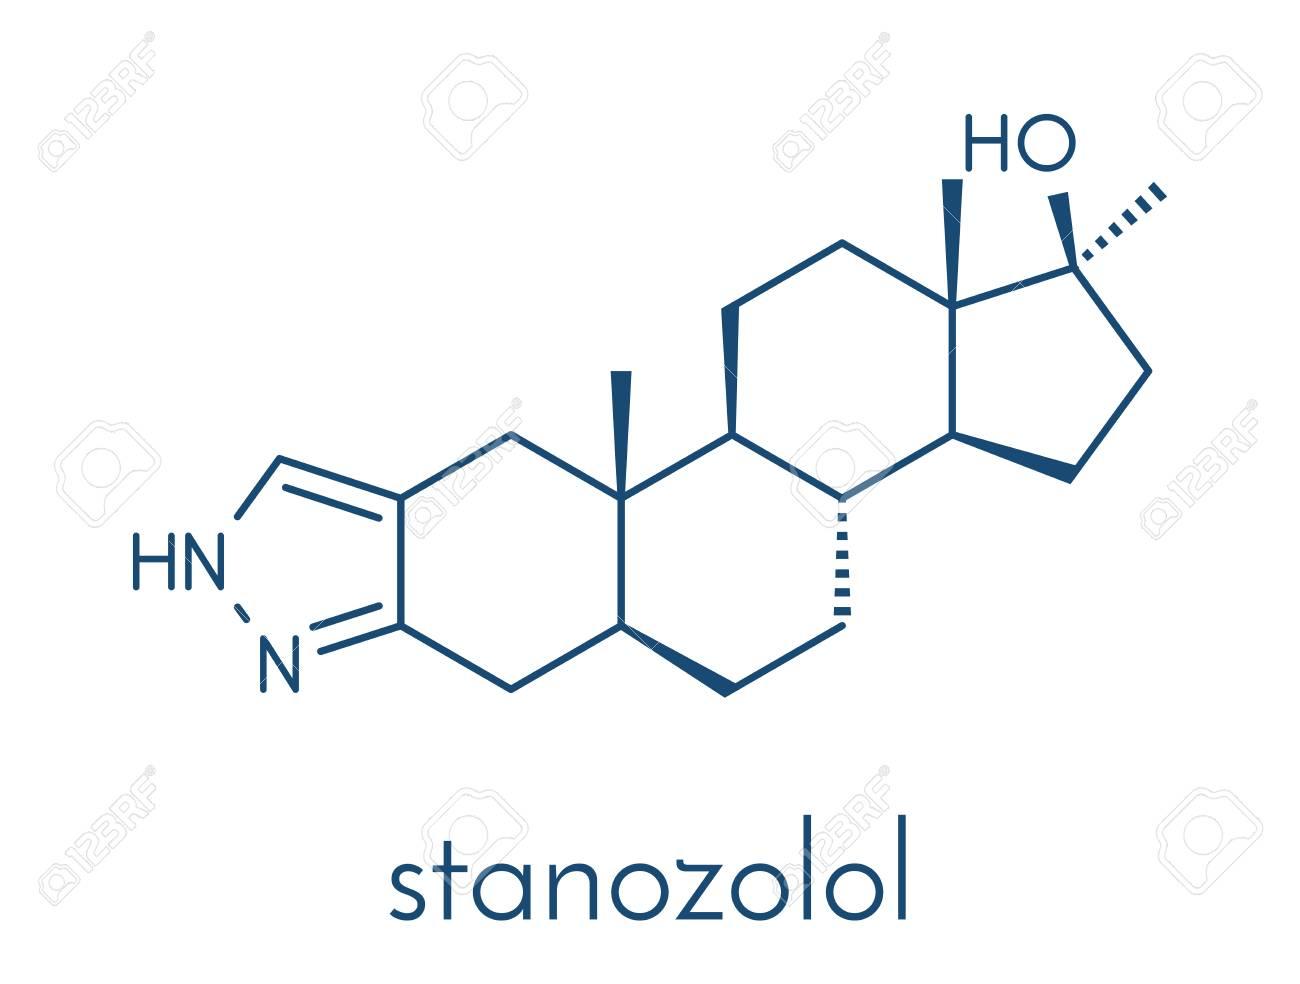 Stanozolol Esteroide Anabólico Estructura Química Fórmula Esquelética